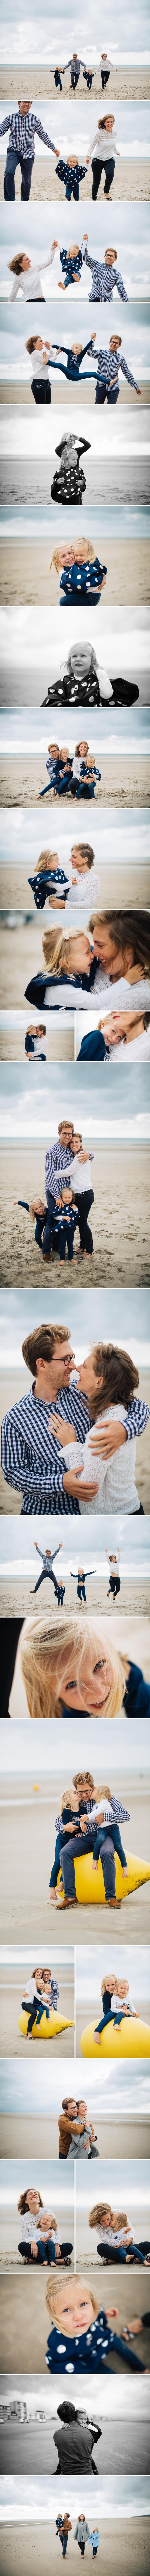 seance en famille sur la plage